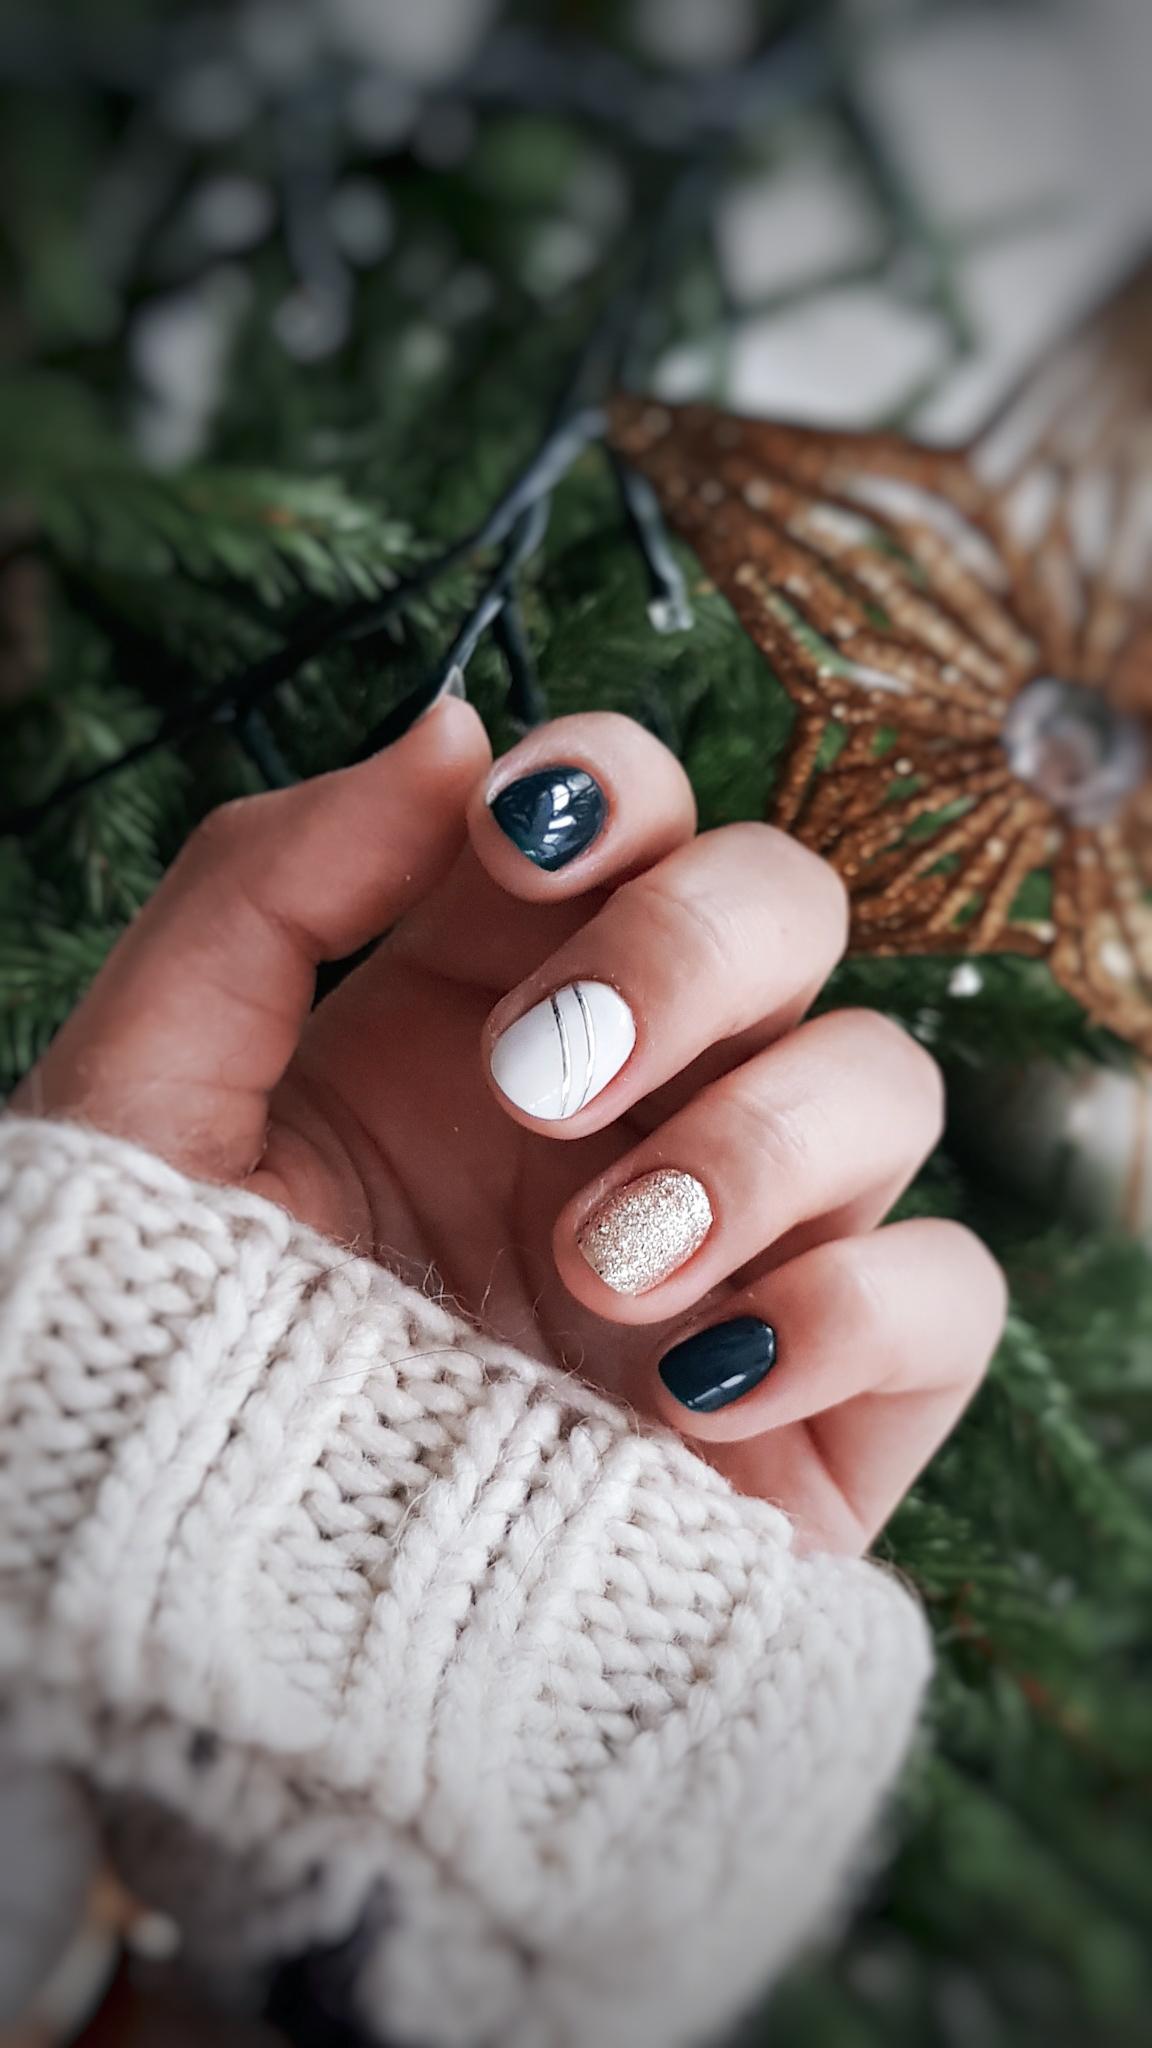 Paznokcie w kolorze butelkowej zieleni. Świąteczne paznokcie.